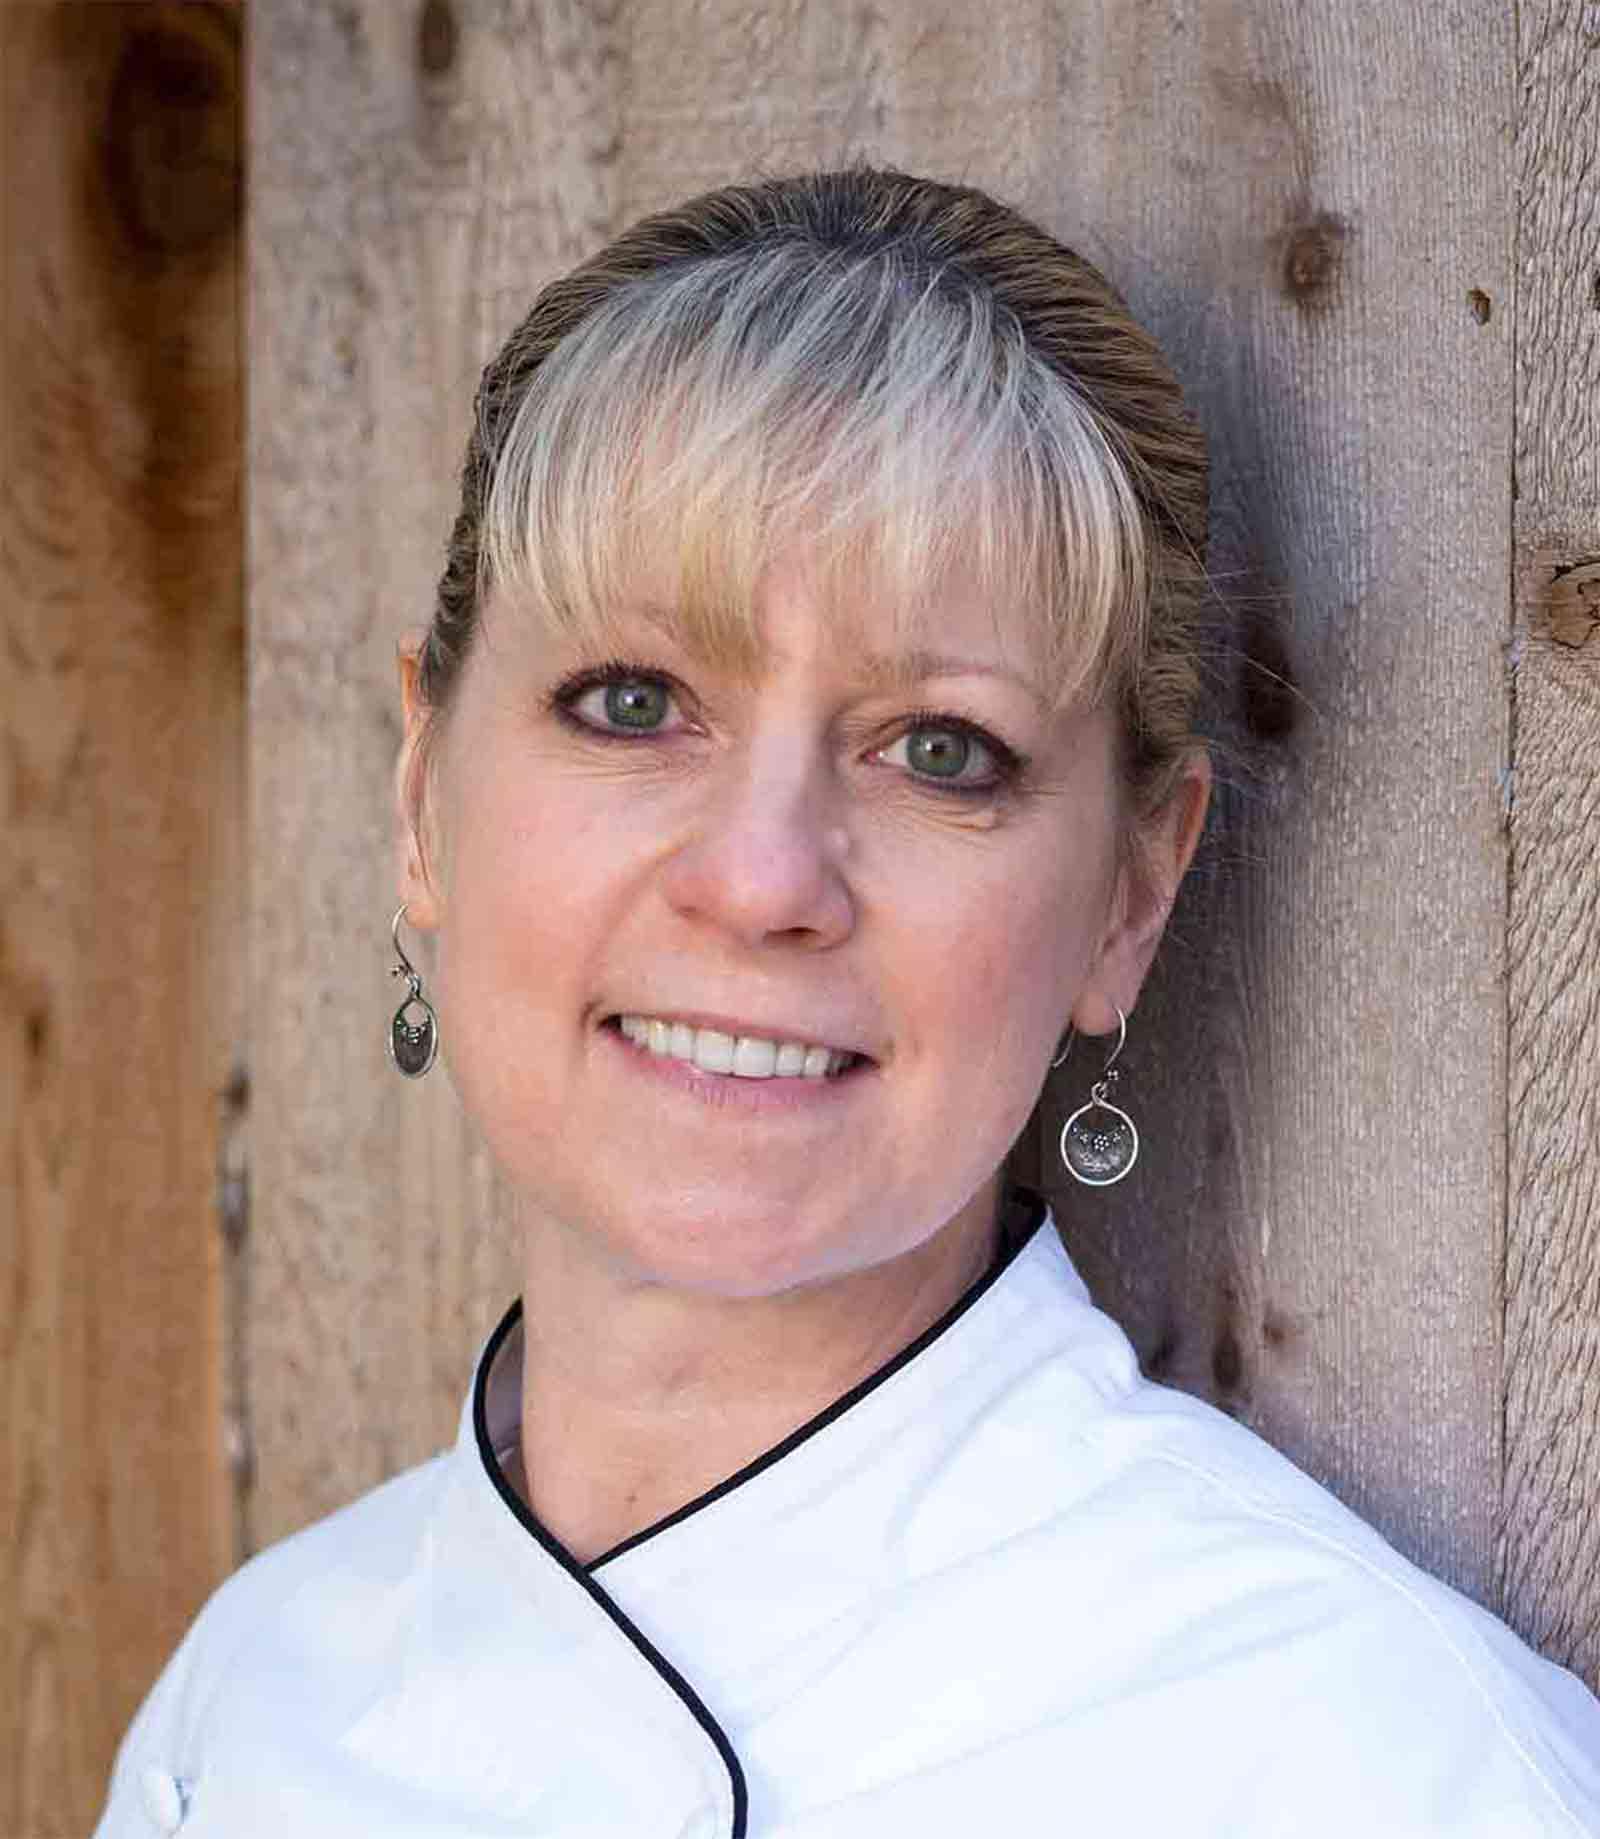 Allison Rittman Headshot